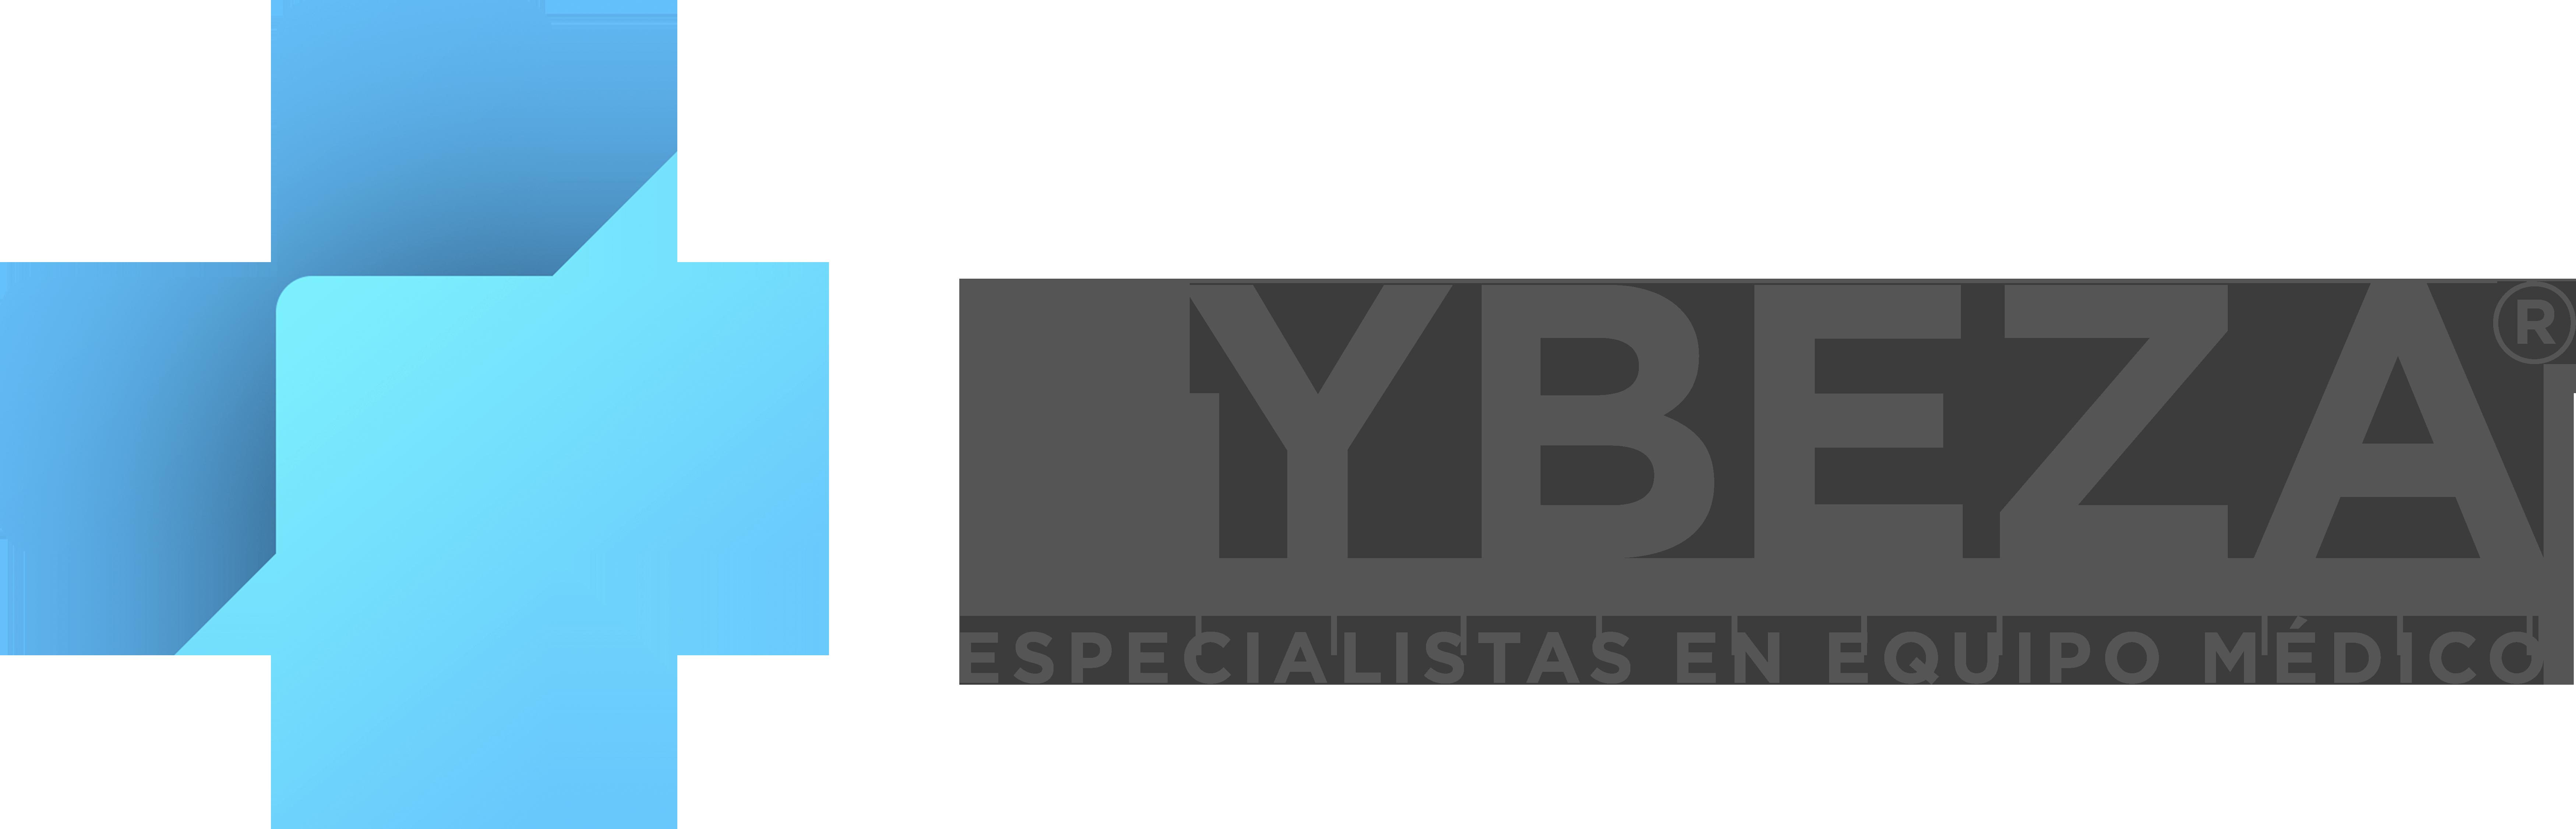 Rybeza – Especialistas en equipo medico